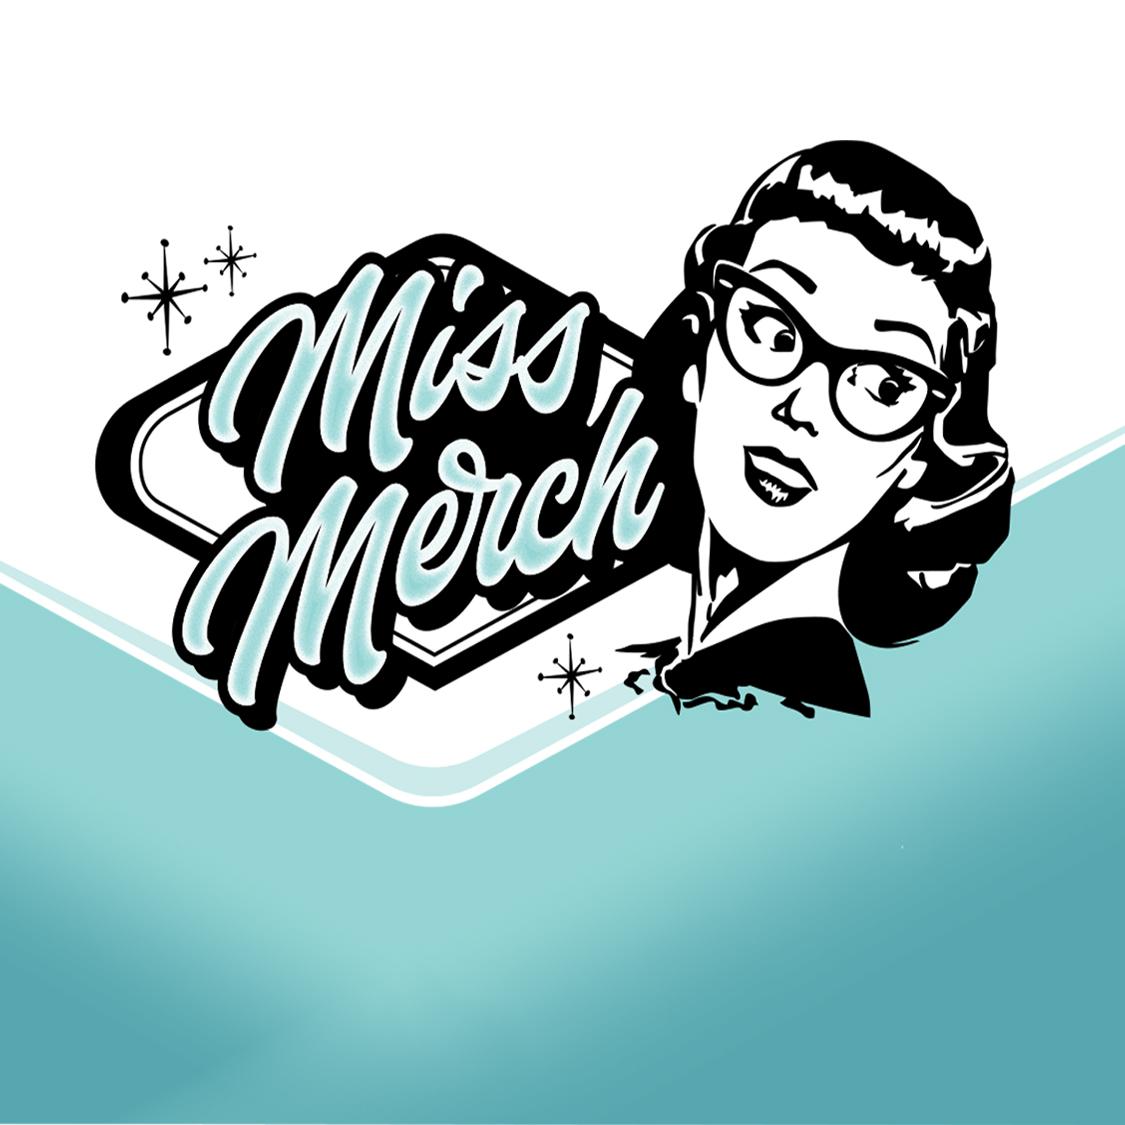 Miss Merch